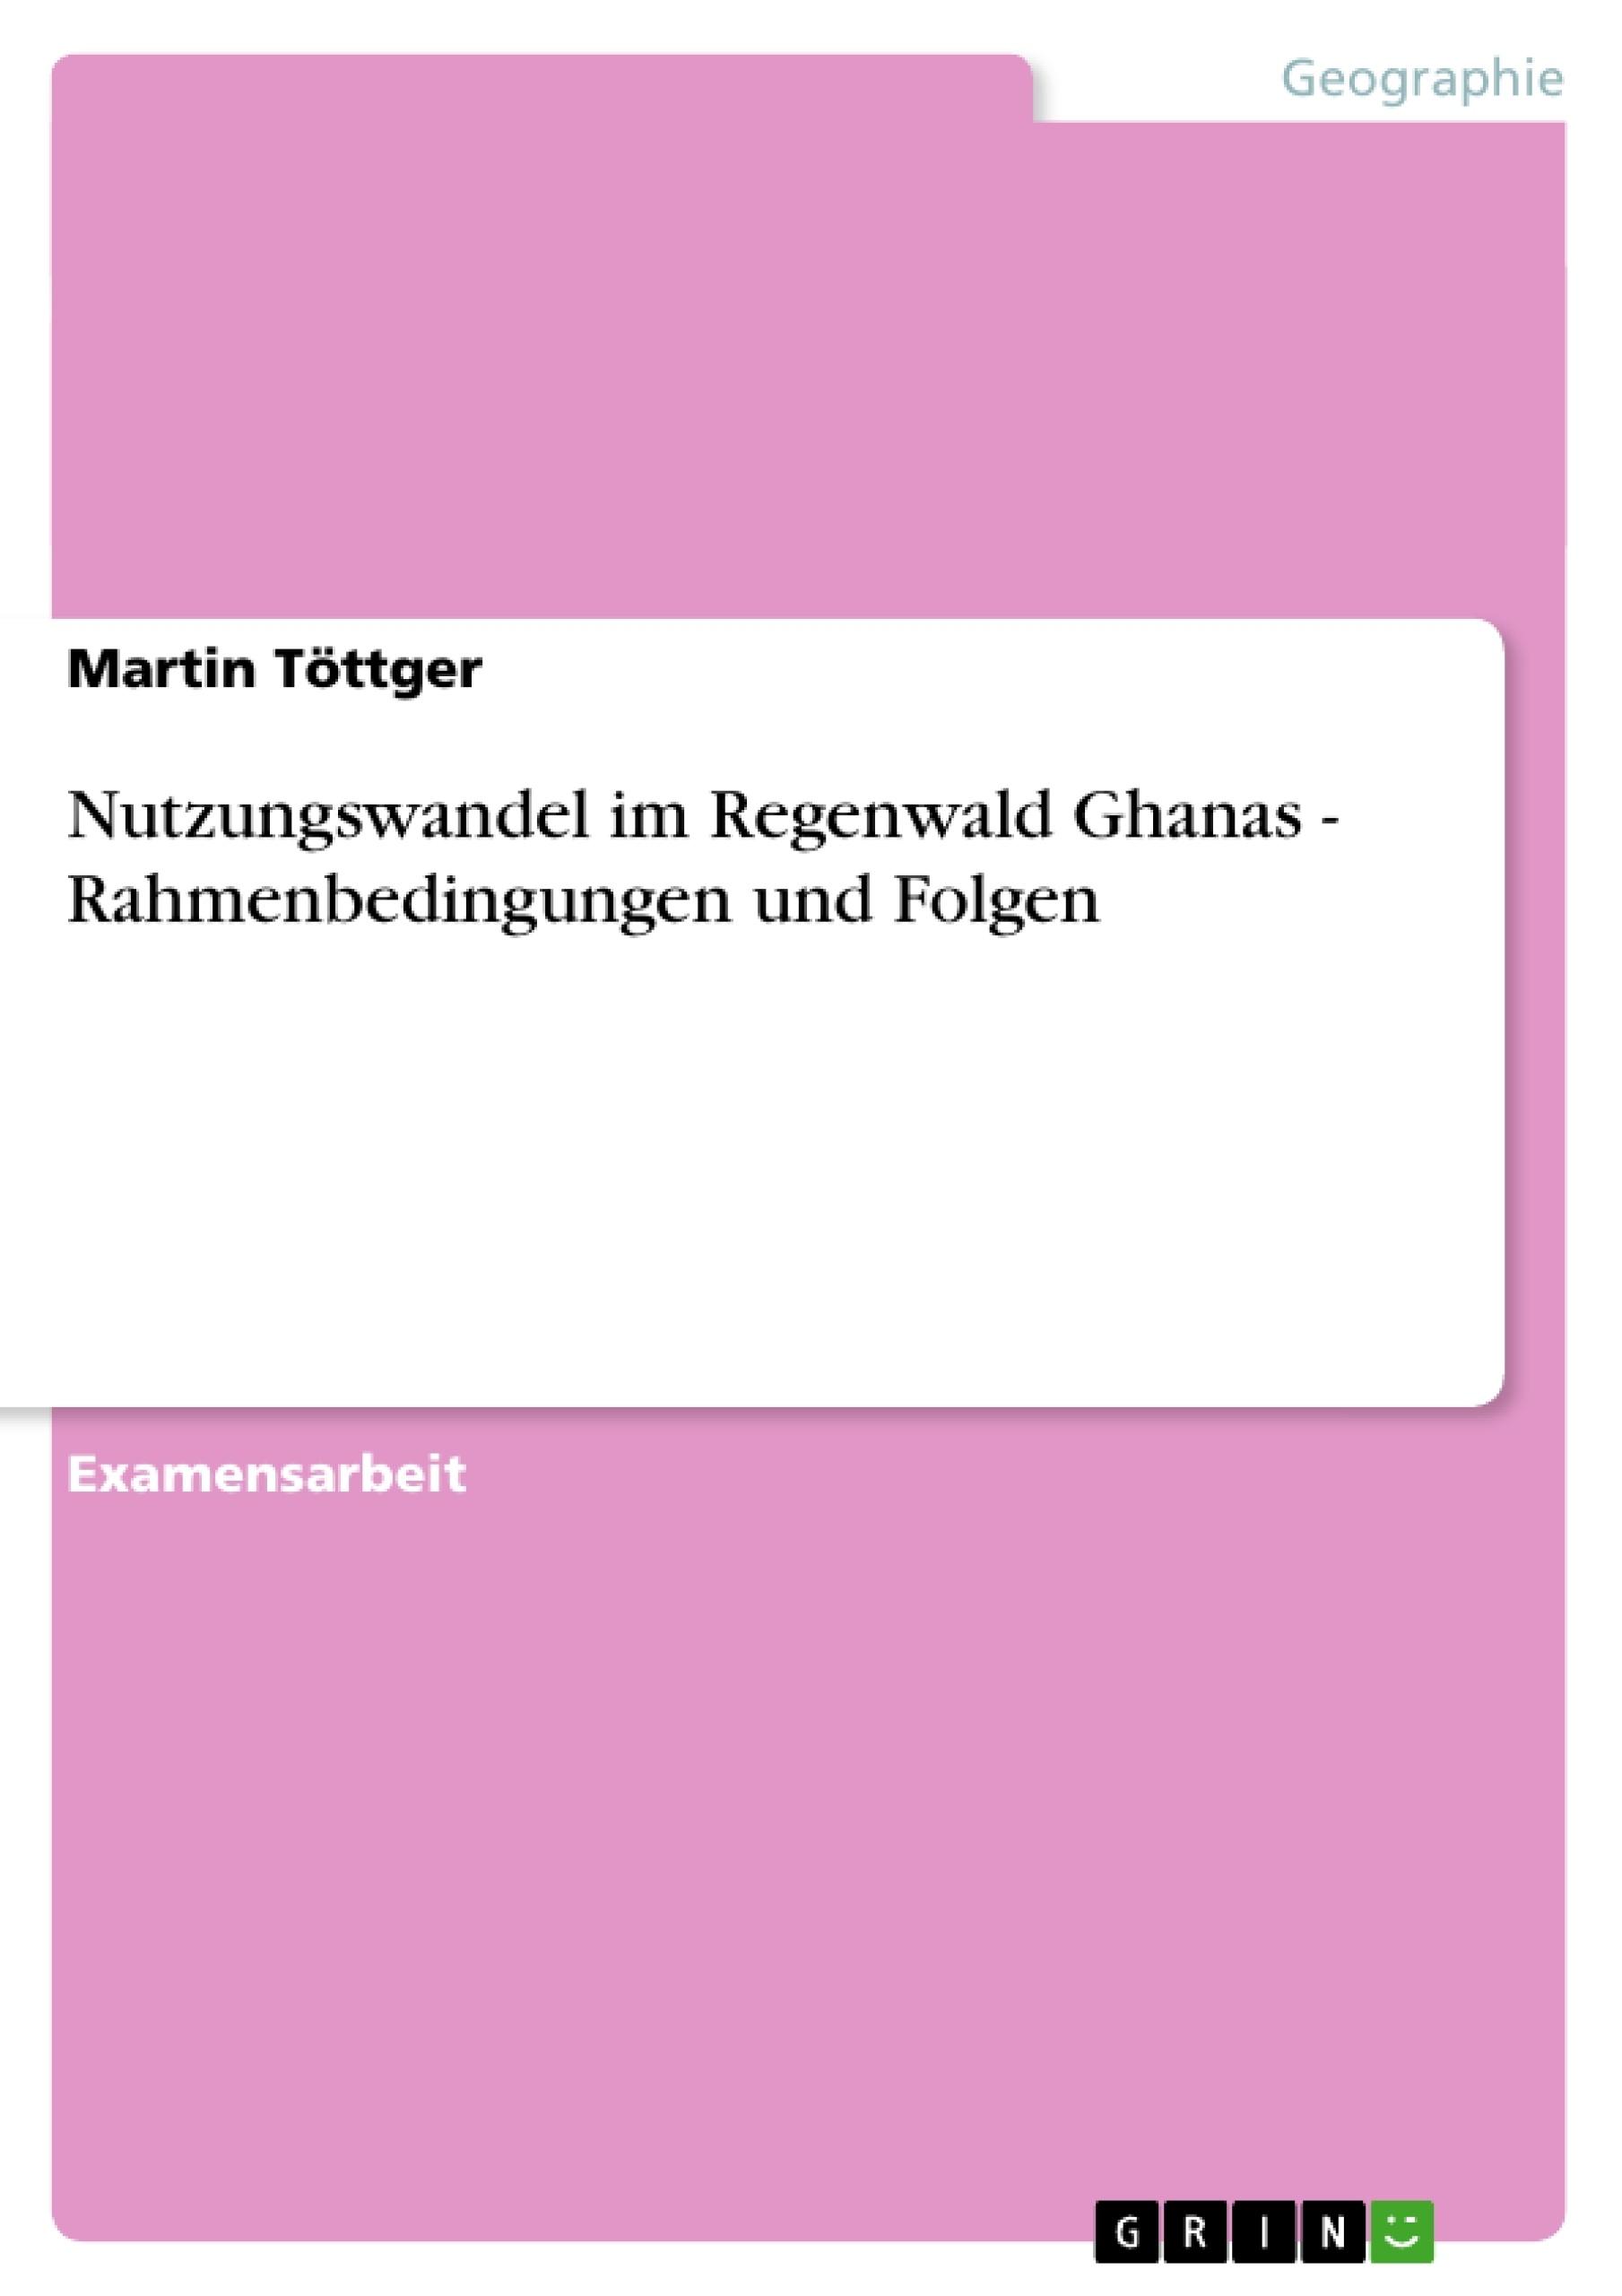 Titel: Nutzungswandel im Regenwald Ghanas - Rahmenbedingungen und Folgen